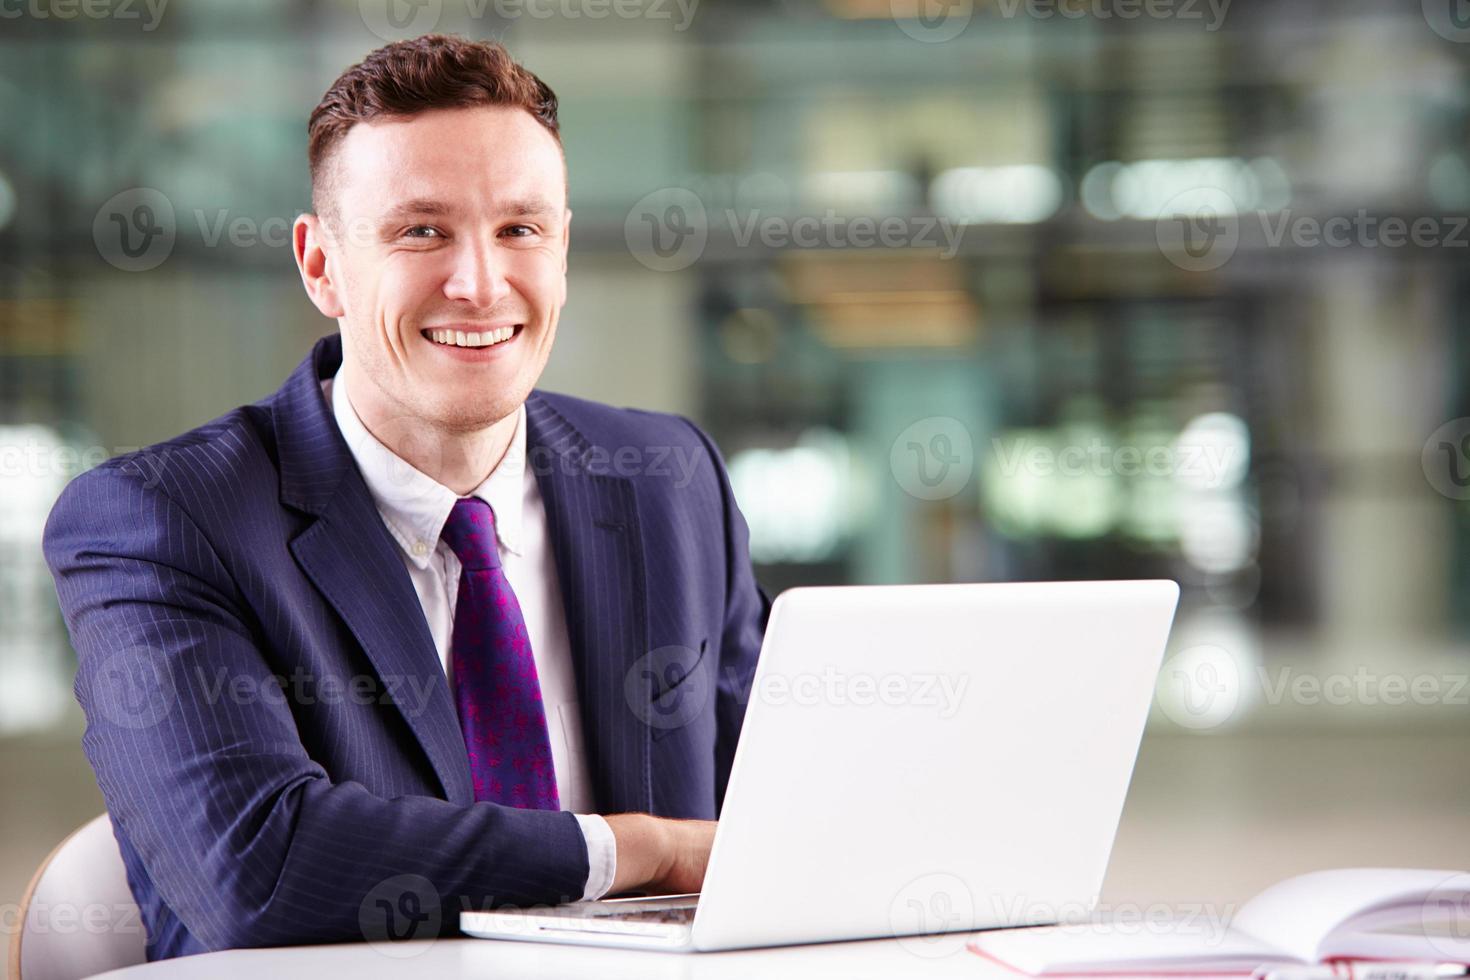 jeune, caucasien, homme affaires, utilisation, ordinateur portable, ordinateur, au travail photo